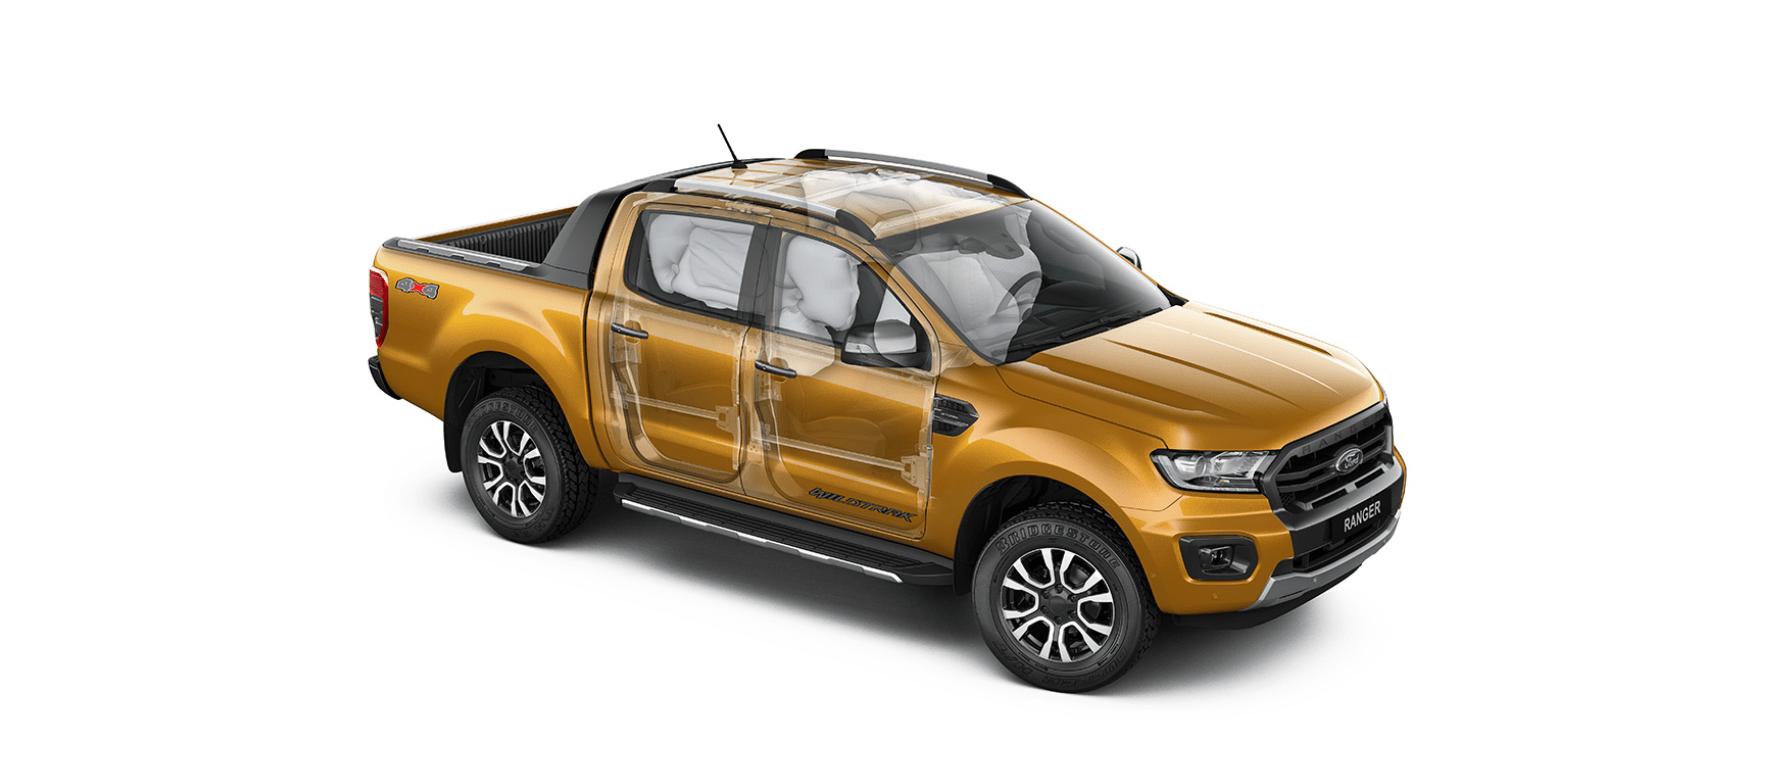 Giá lăn bánh Ford Ranger Wildtrak 4x2 2020 ở Hải phòng 6